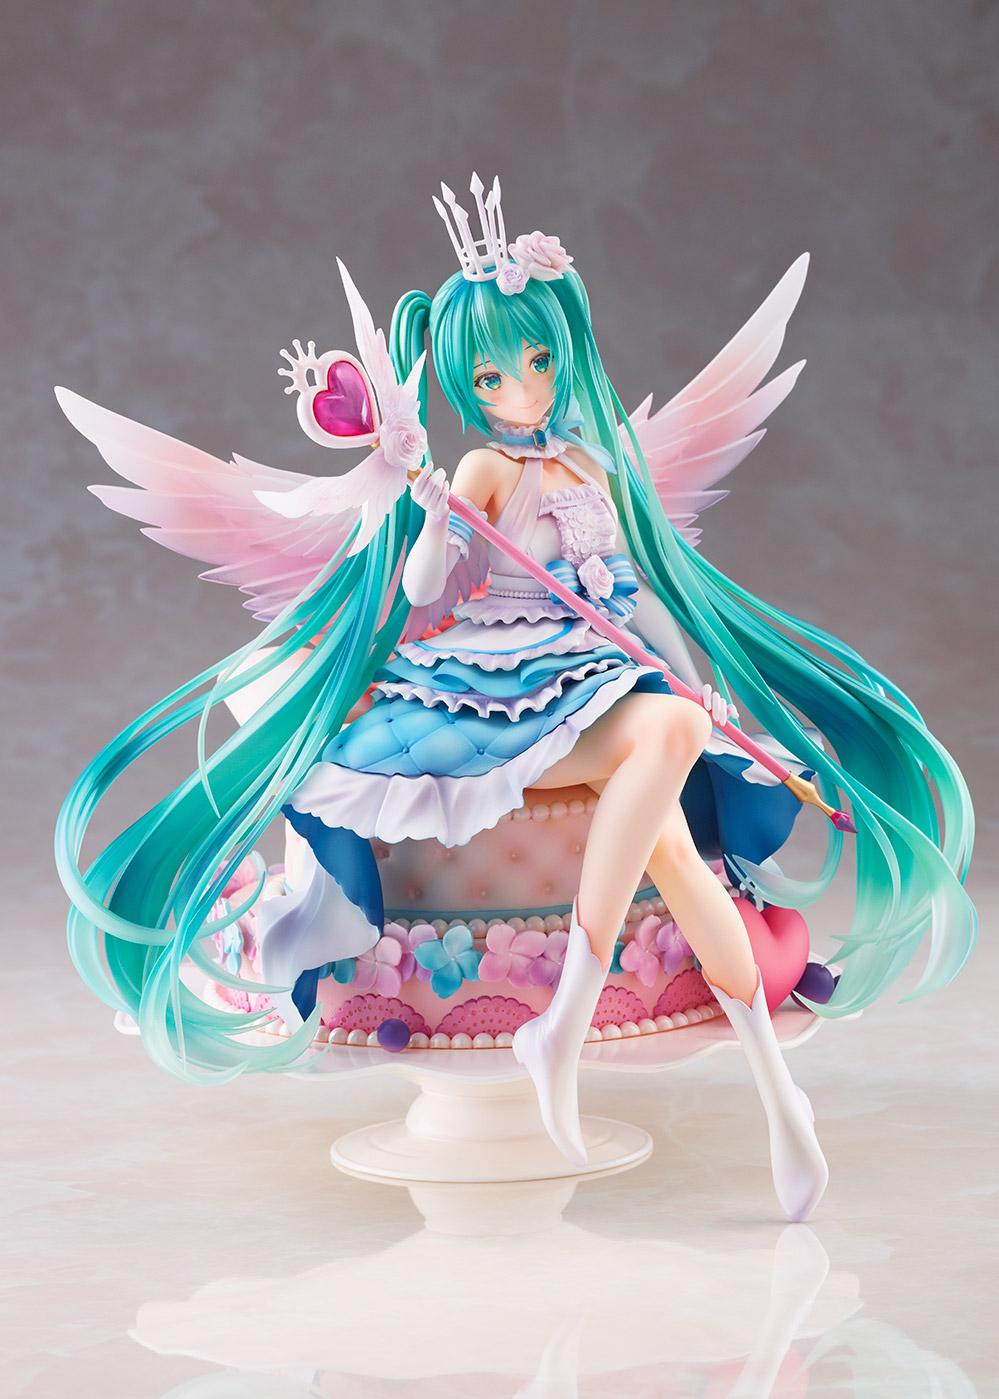 【限定販売】初音ミク『Birthday 2020~Sweet Angel ver.~』1/7 完成品フィギュア-009